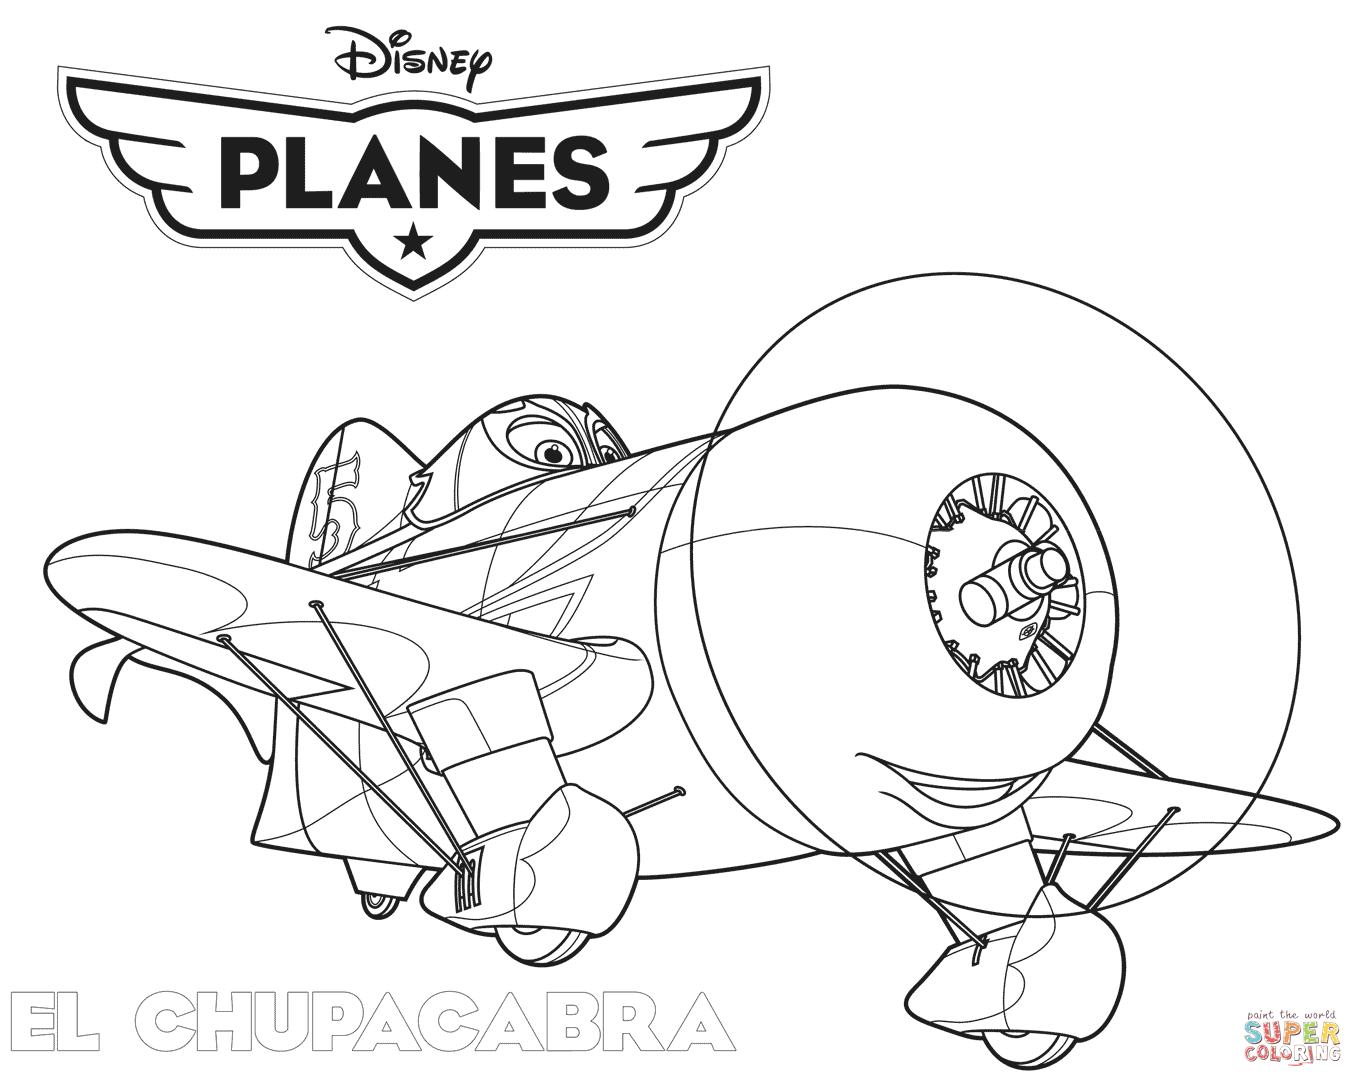 Disney Planes El Chupacabra Coloring Page